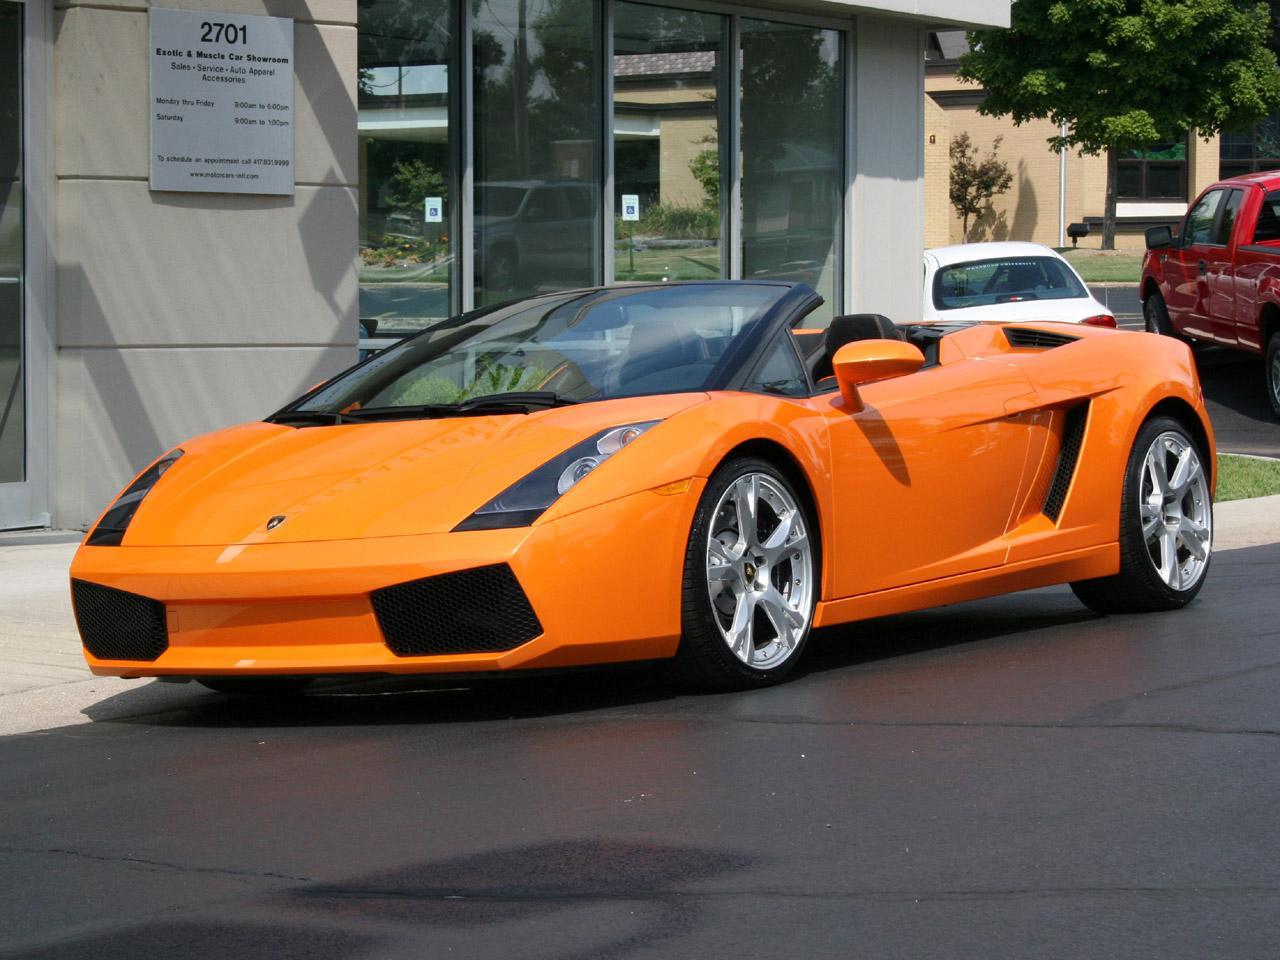 2006 Lamborghini Gallardo Spyder E Gear